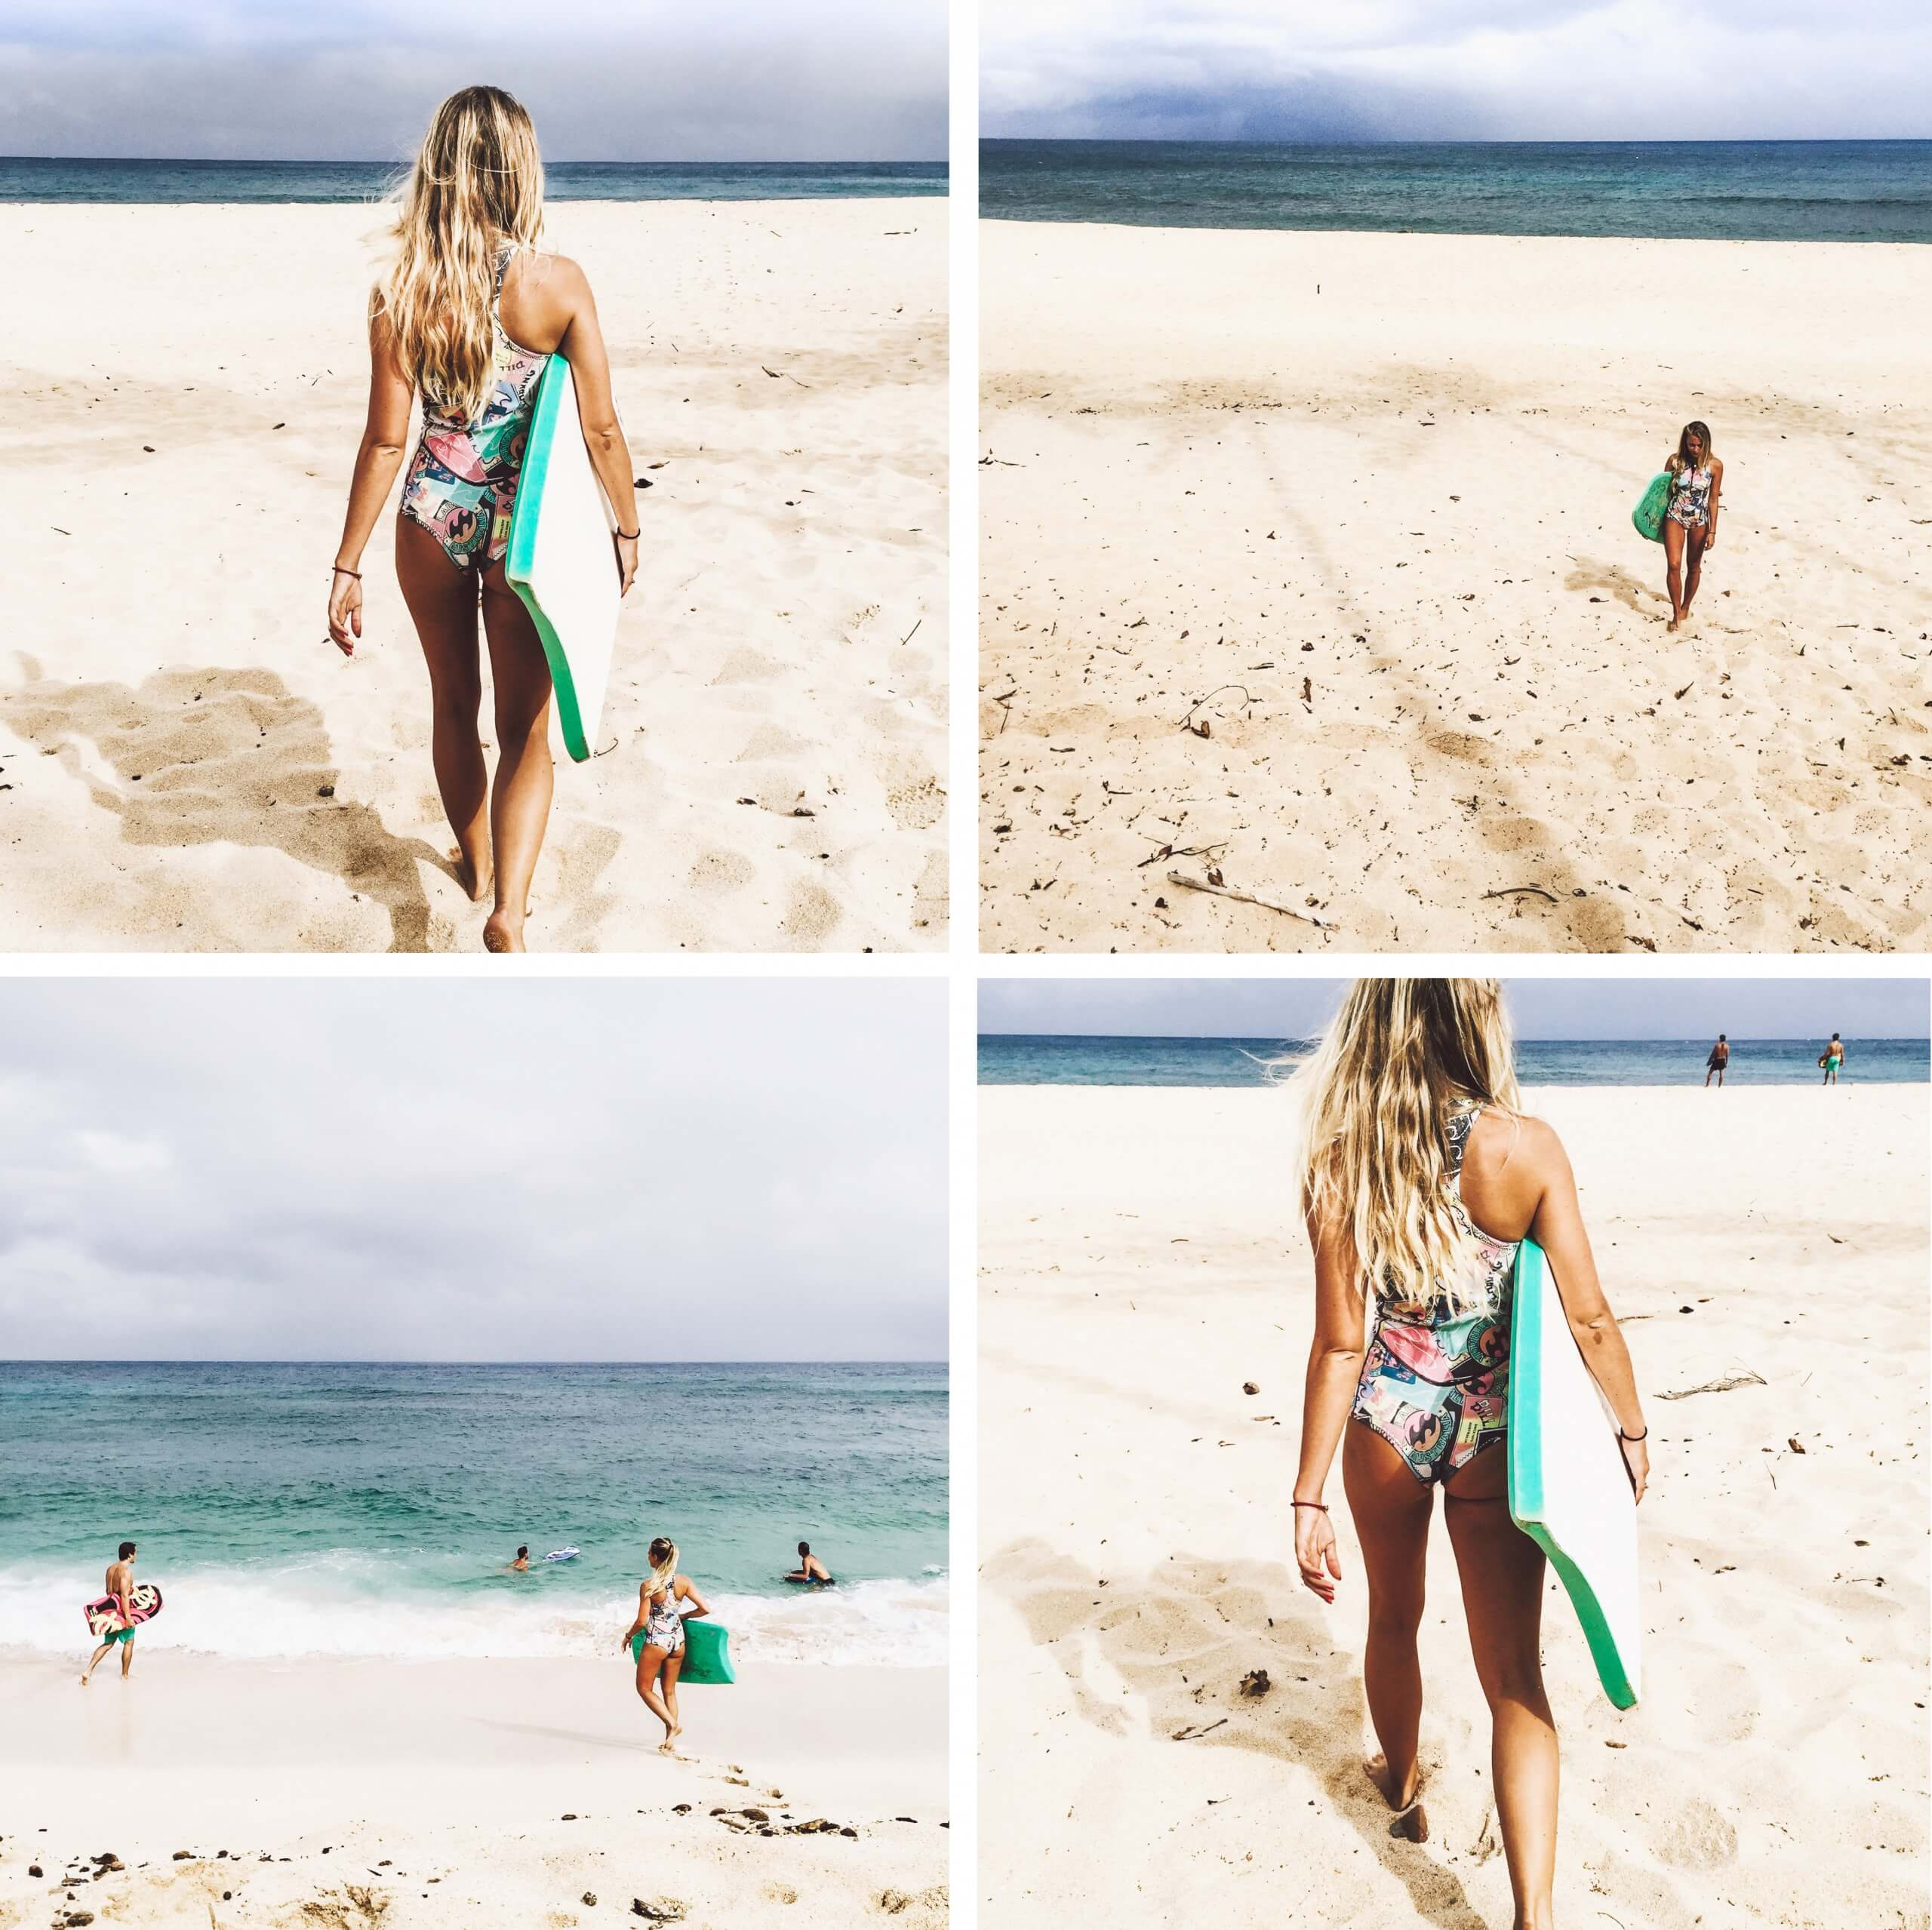 janni-deler-boogieboarding-hawaii